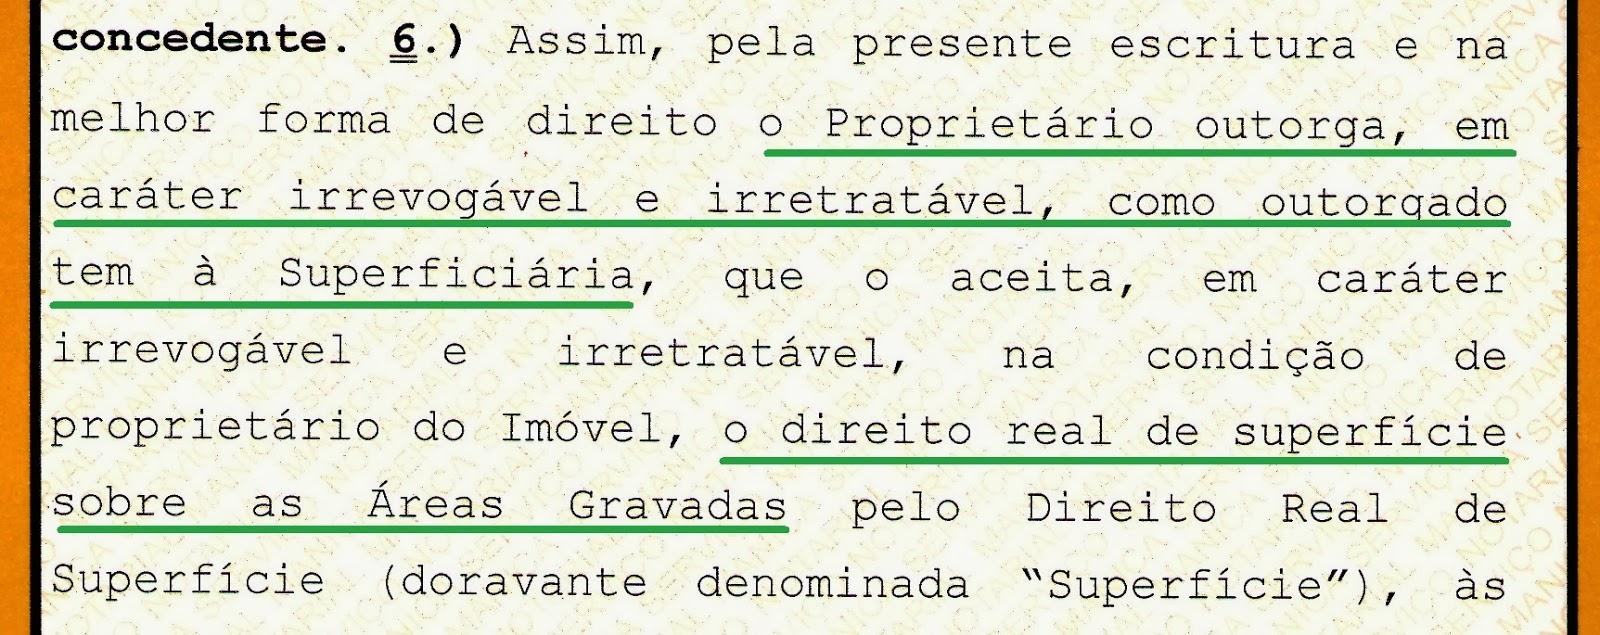 f27264814e 5) Nada a reclamar (e nem a receber)  ao contrário do Grêmio (que receberá  65% do lucro obtido pela Arena Porto Alegrense)